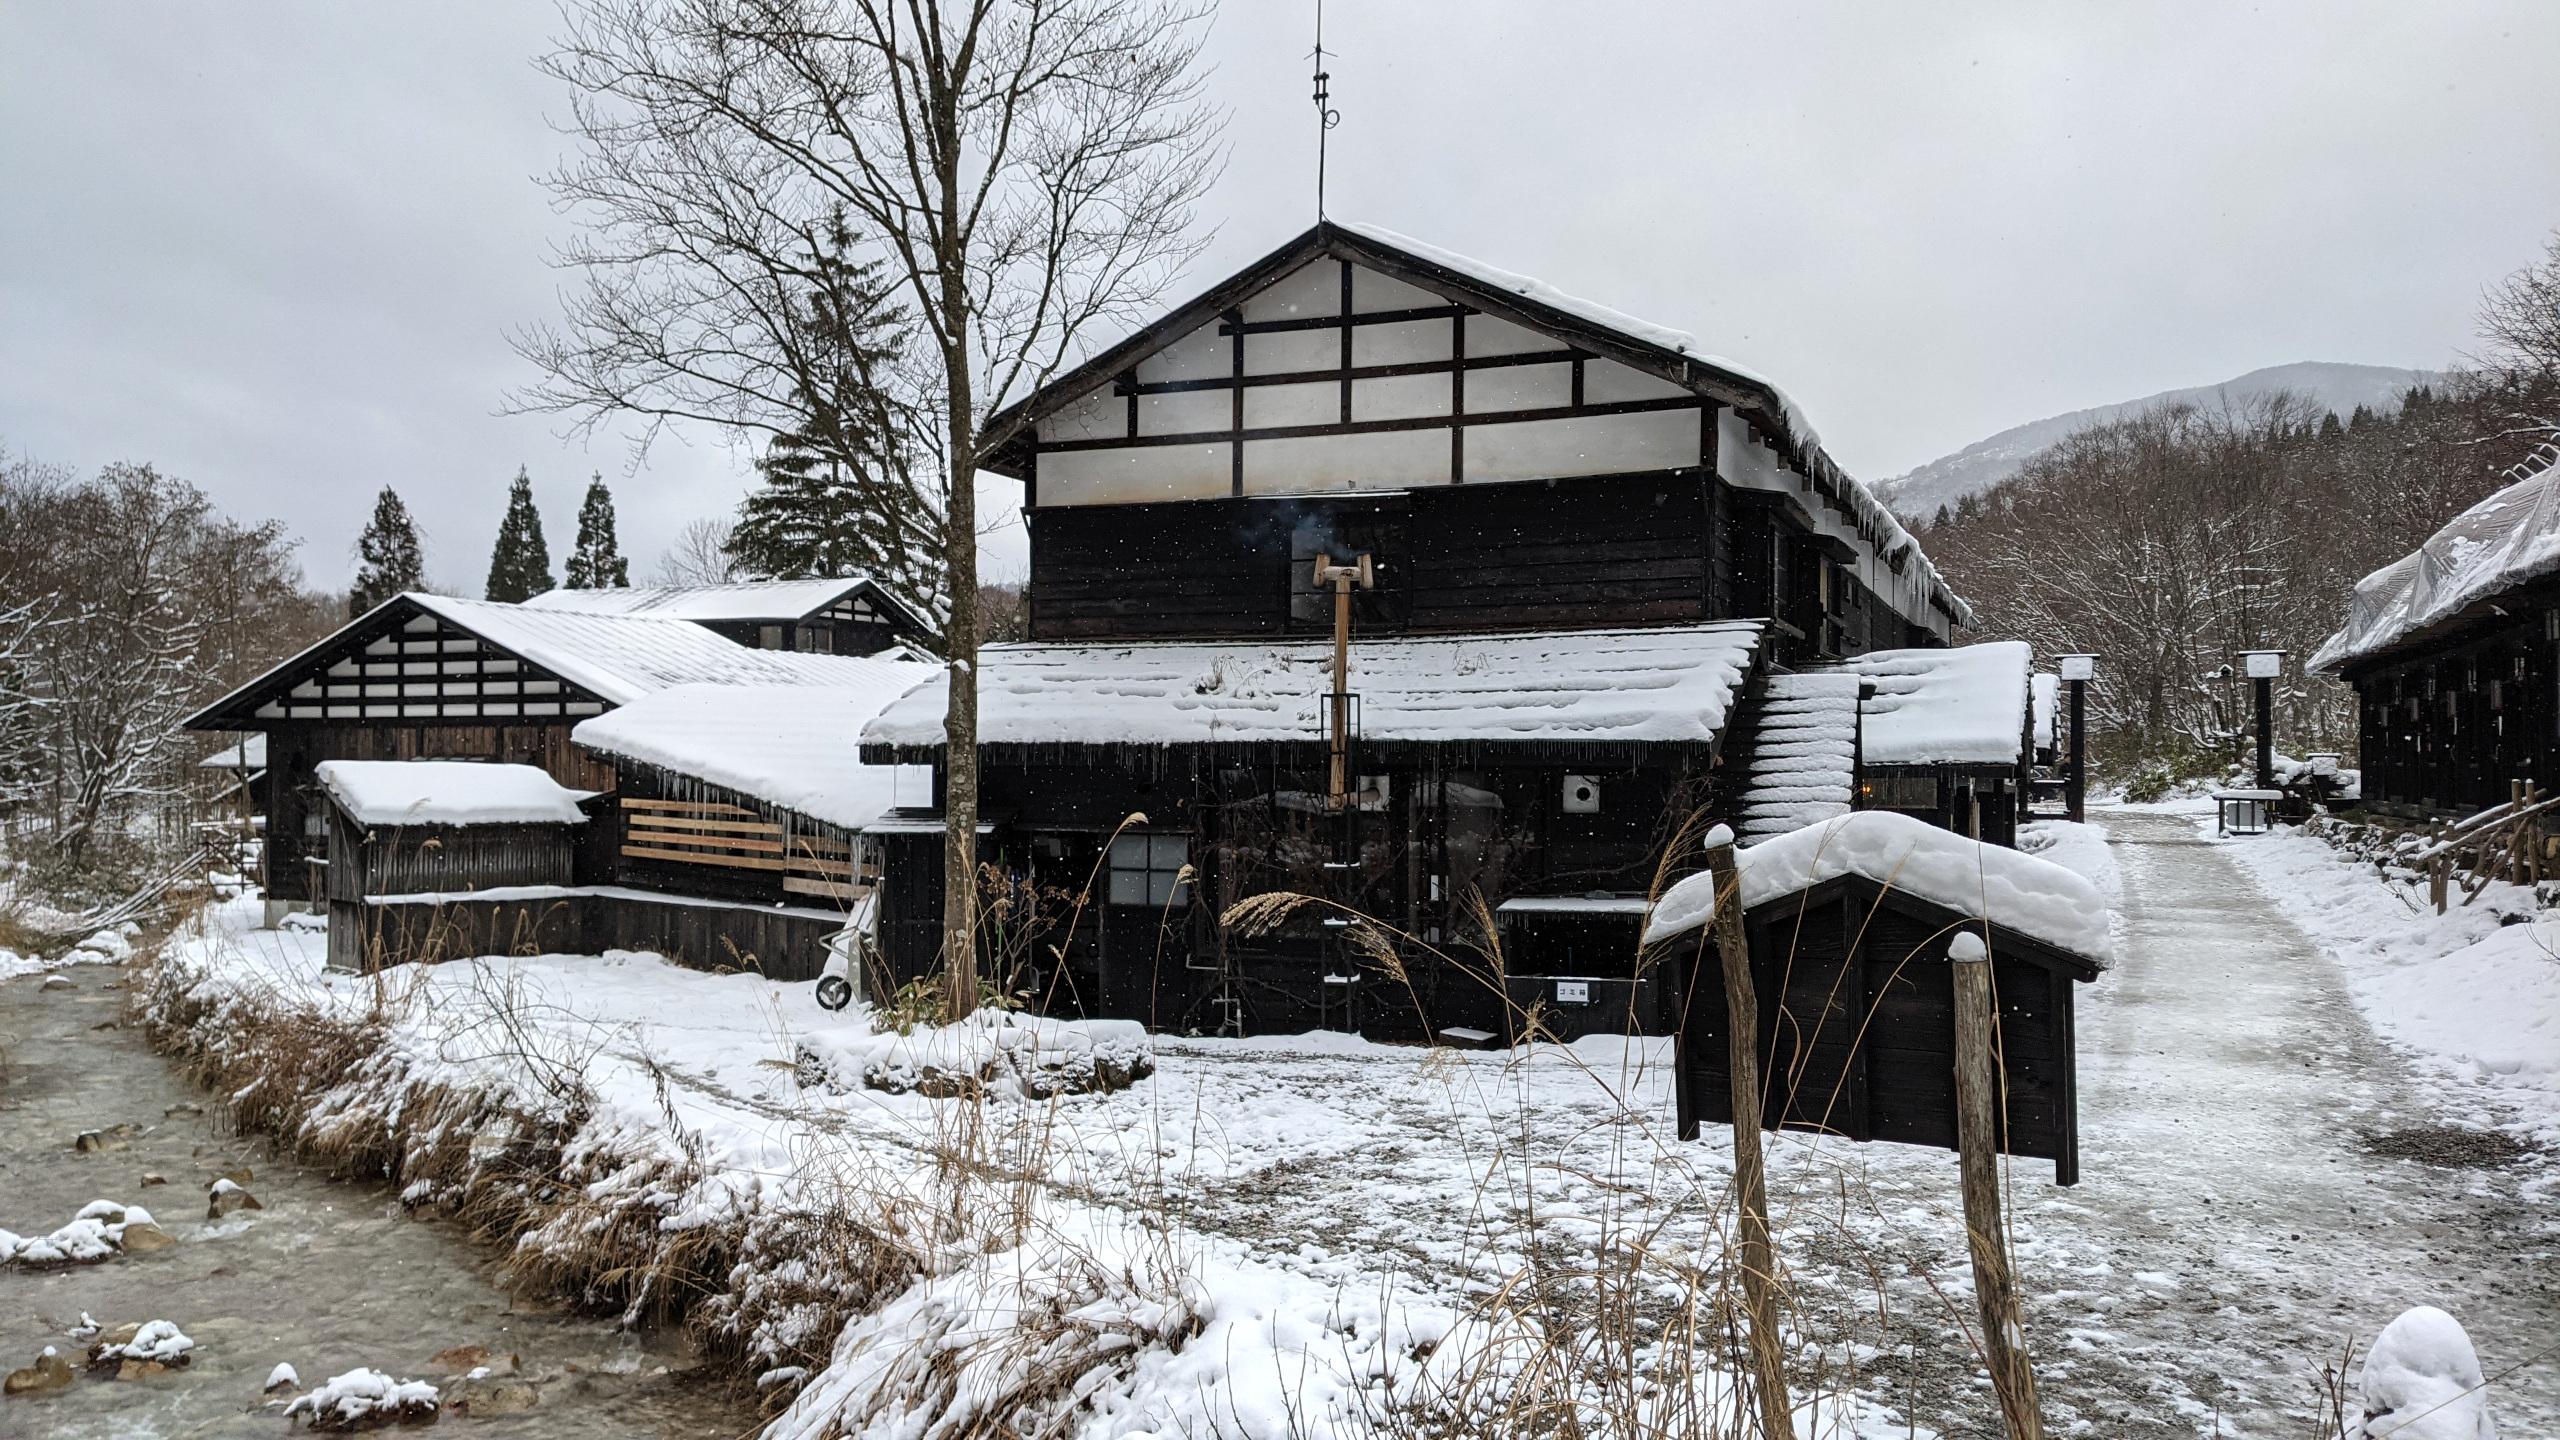 20201204 015627472 tsuru no yu house